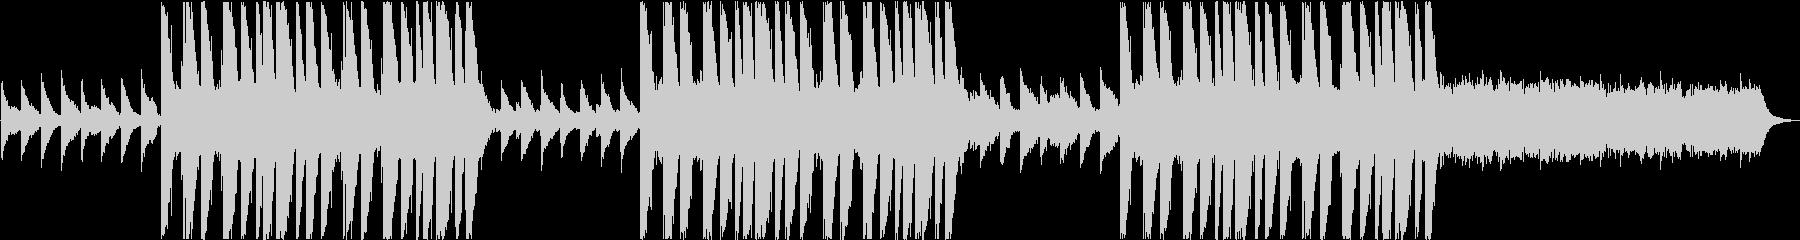 静か・洋楽・バラード・ピアノ・感動的の未再生の波形